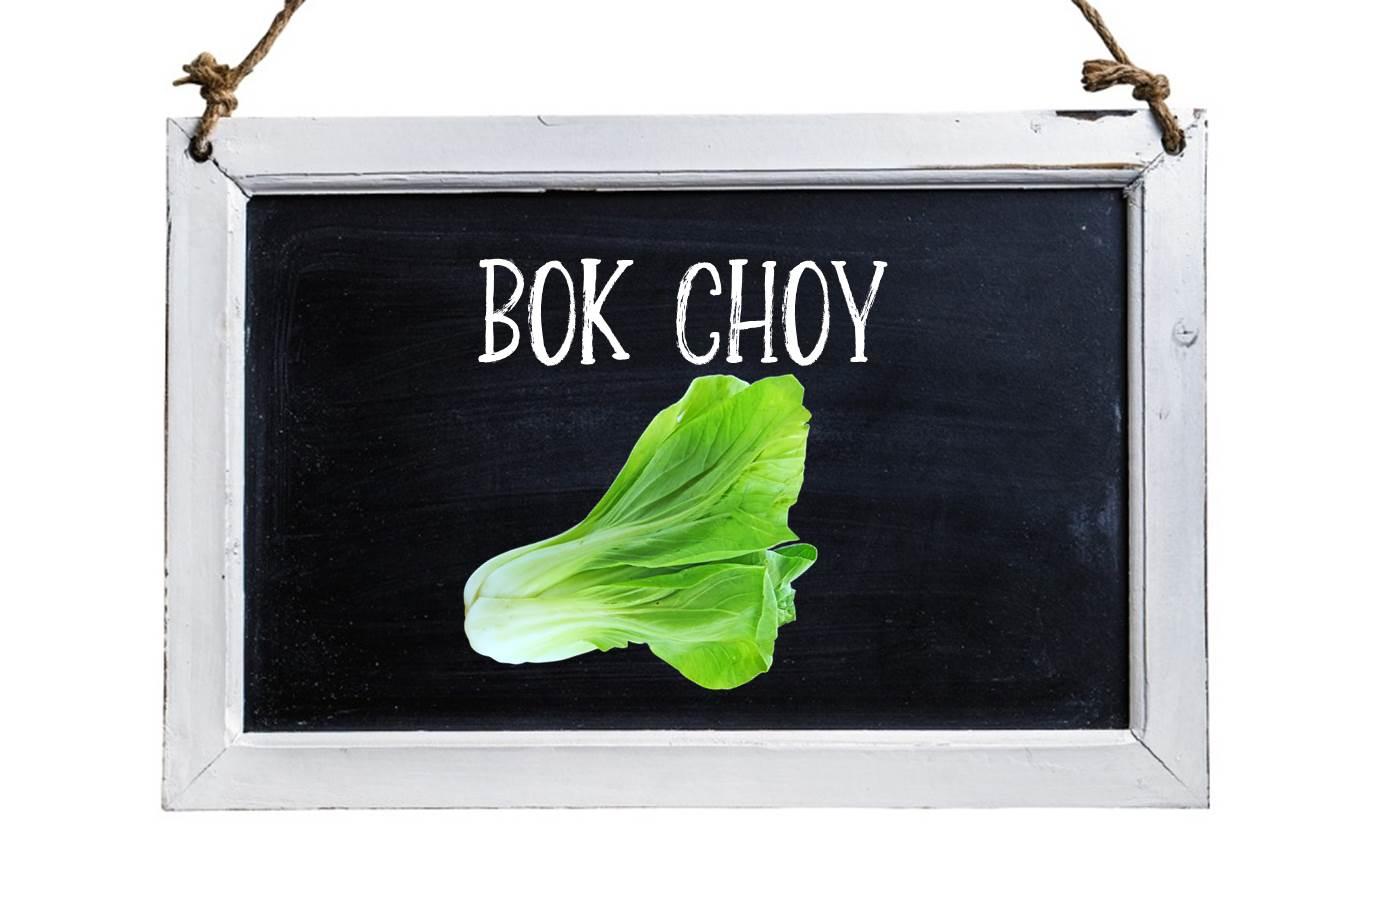 Tableau noir avec image d'un bok choy et le nom du légume écrit à la craie.